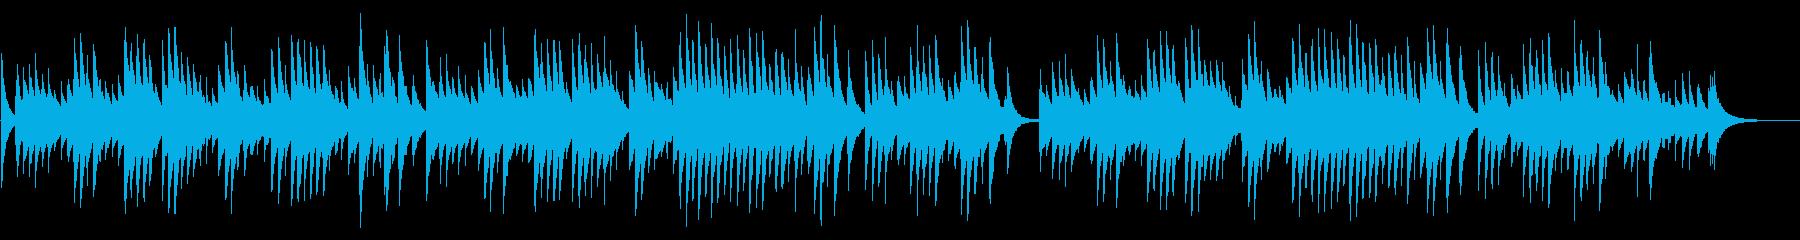 別れの曲 72弁オルゴールの再生済みの波形